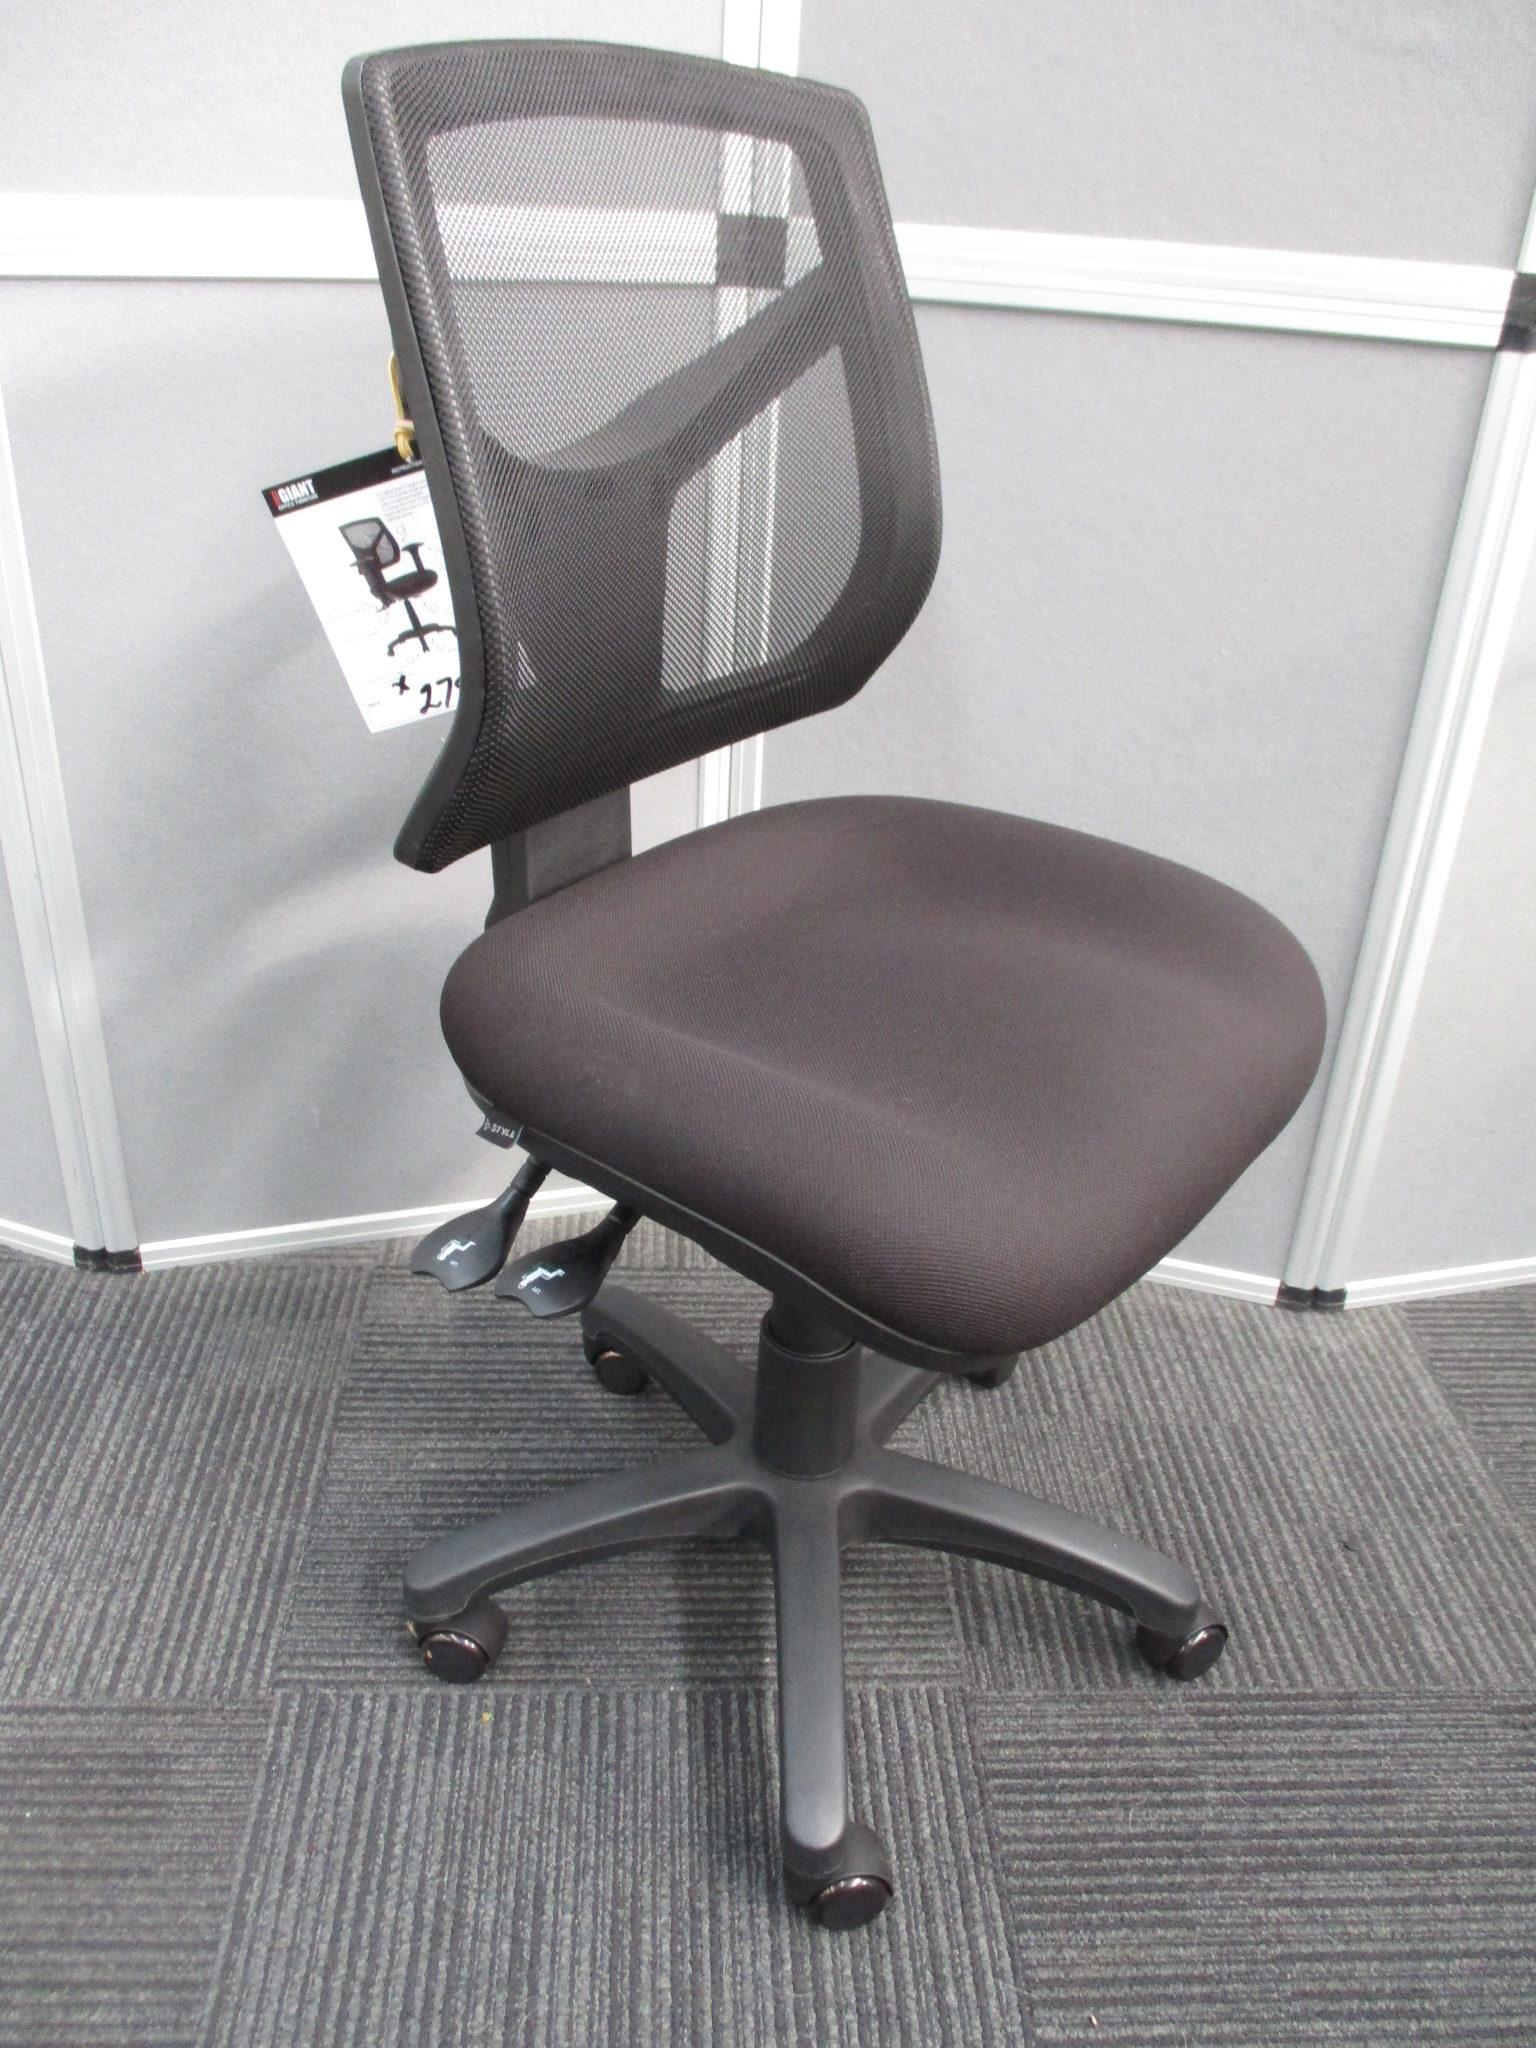 New Rio LB Mesh Chairs $275